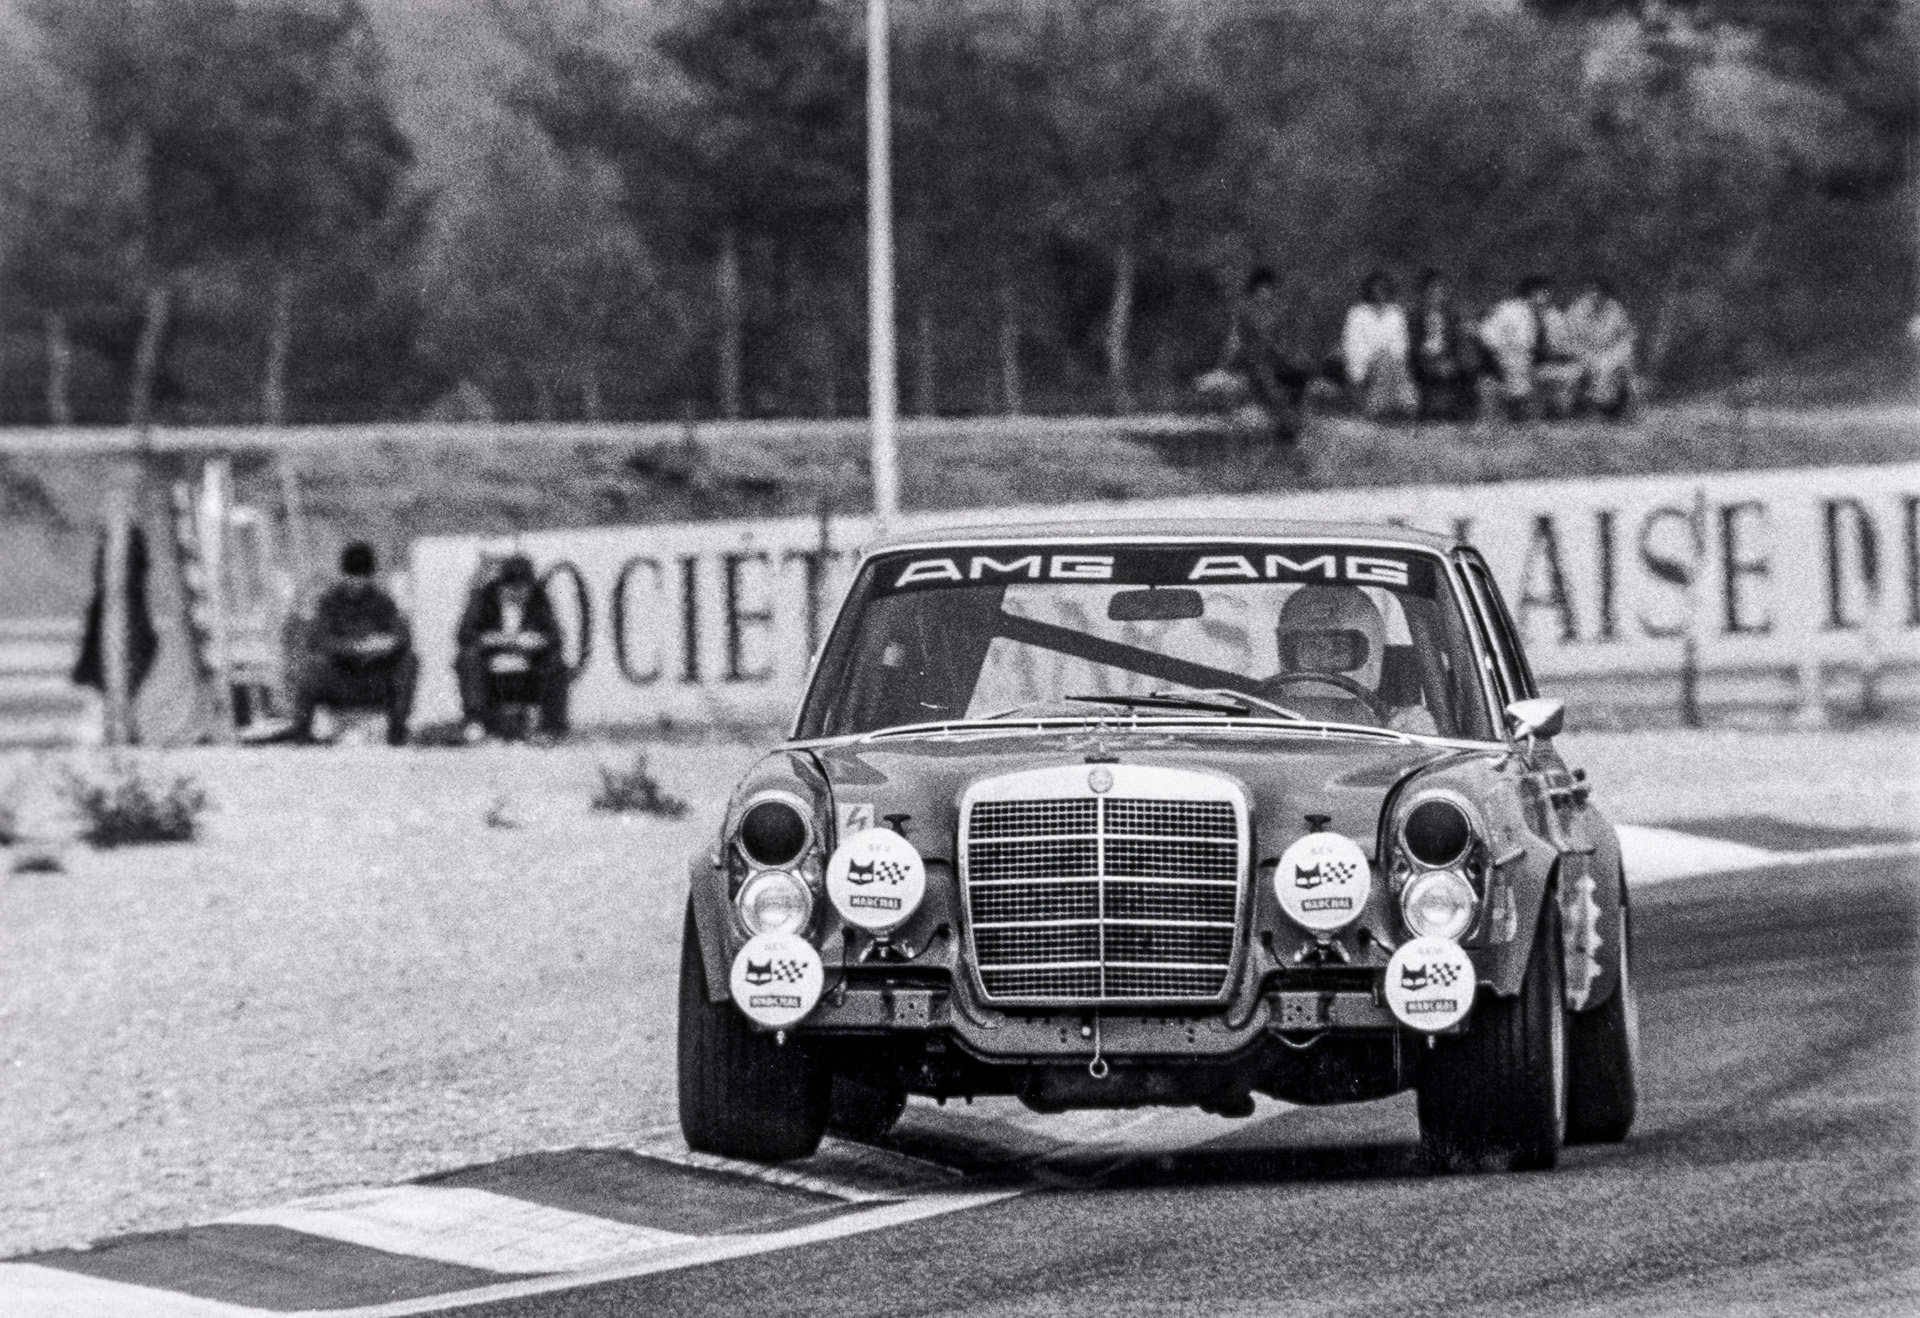 24-Stunden-Rennen von Spa-Francorchamps am 24. Juli 1971. Die Mercedes-Benz 300 SEL 6.8 AMG Rennlimousine (W 109) mit den Fahrern Hans Heyer und Clemens Schickentanz holt Platz zwei im Gesamtklassement und den Klassensieg. Es ist der erste international beachtete Erfolg von AMG im Motorsport.